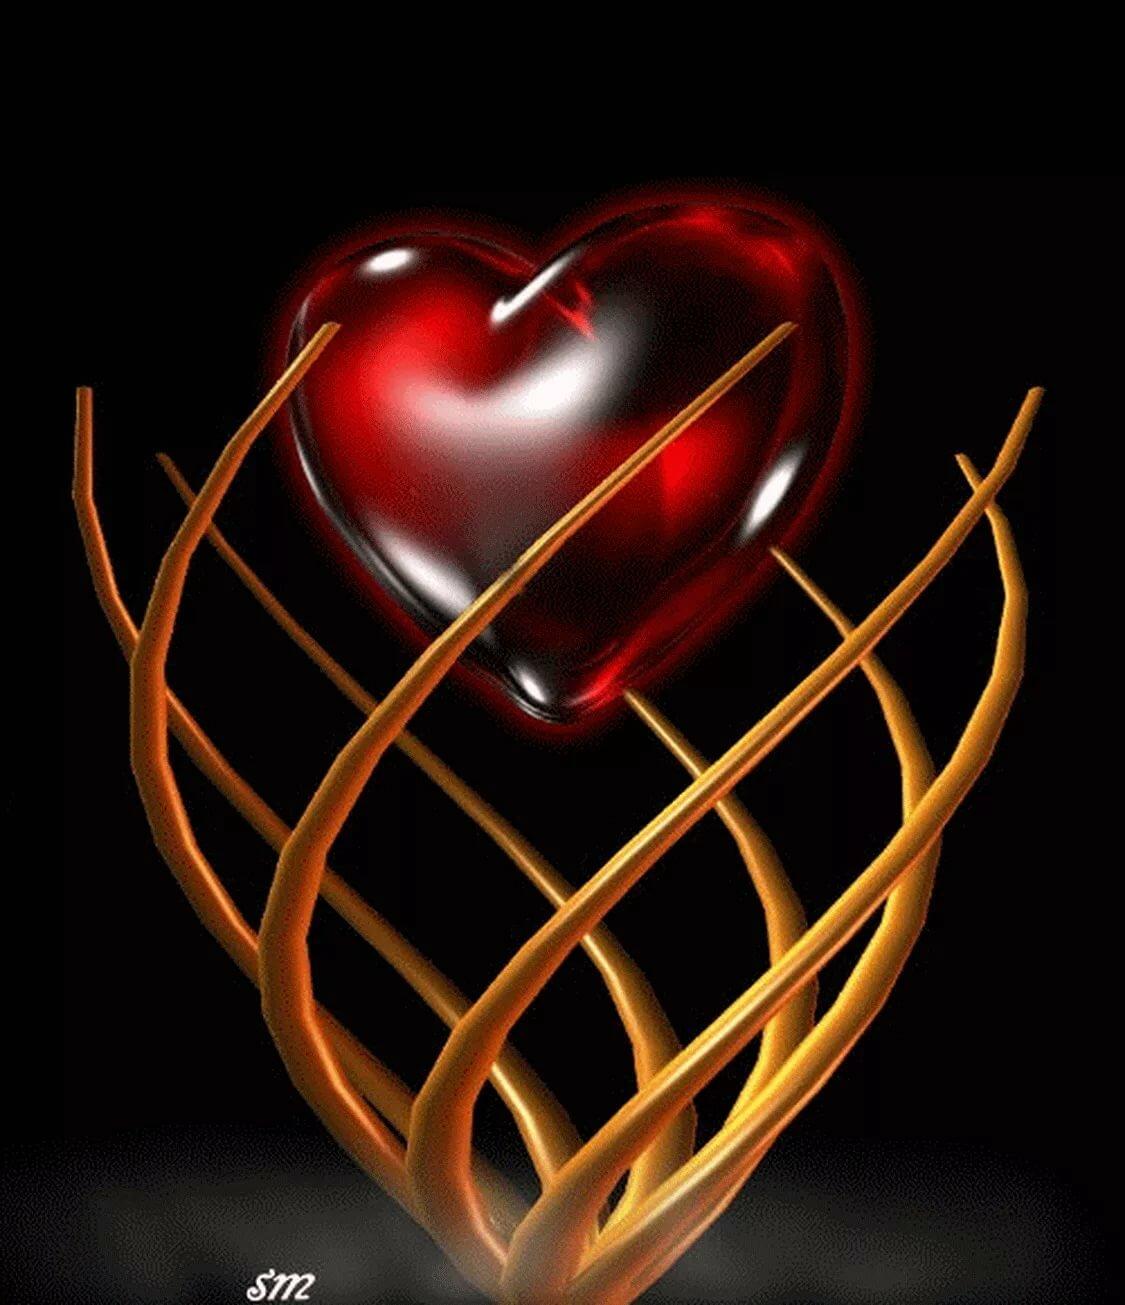 картинка сердца гиф набережной расположены столовые